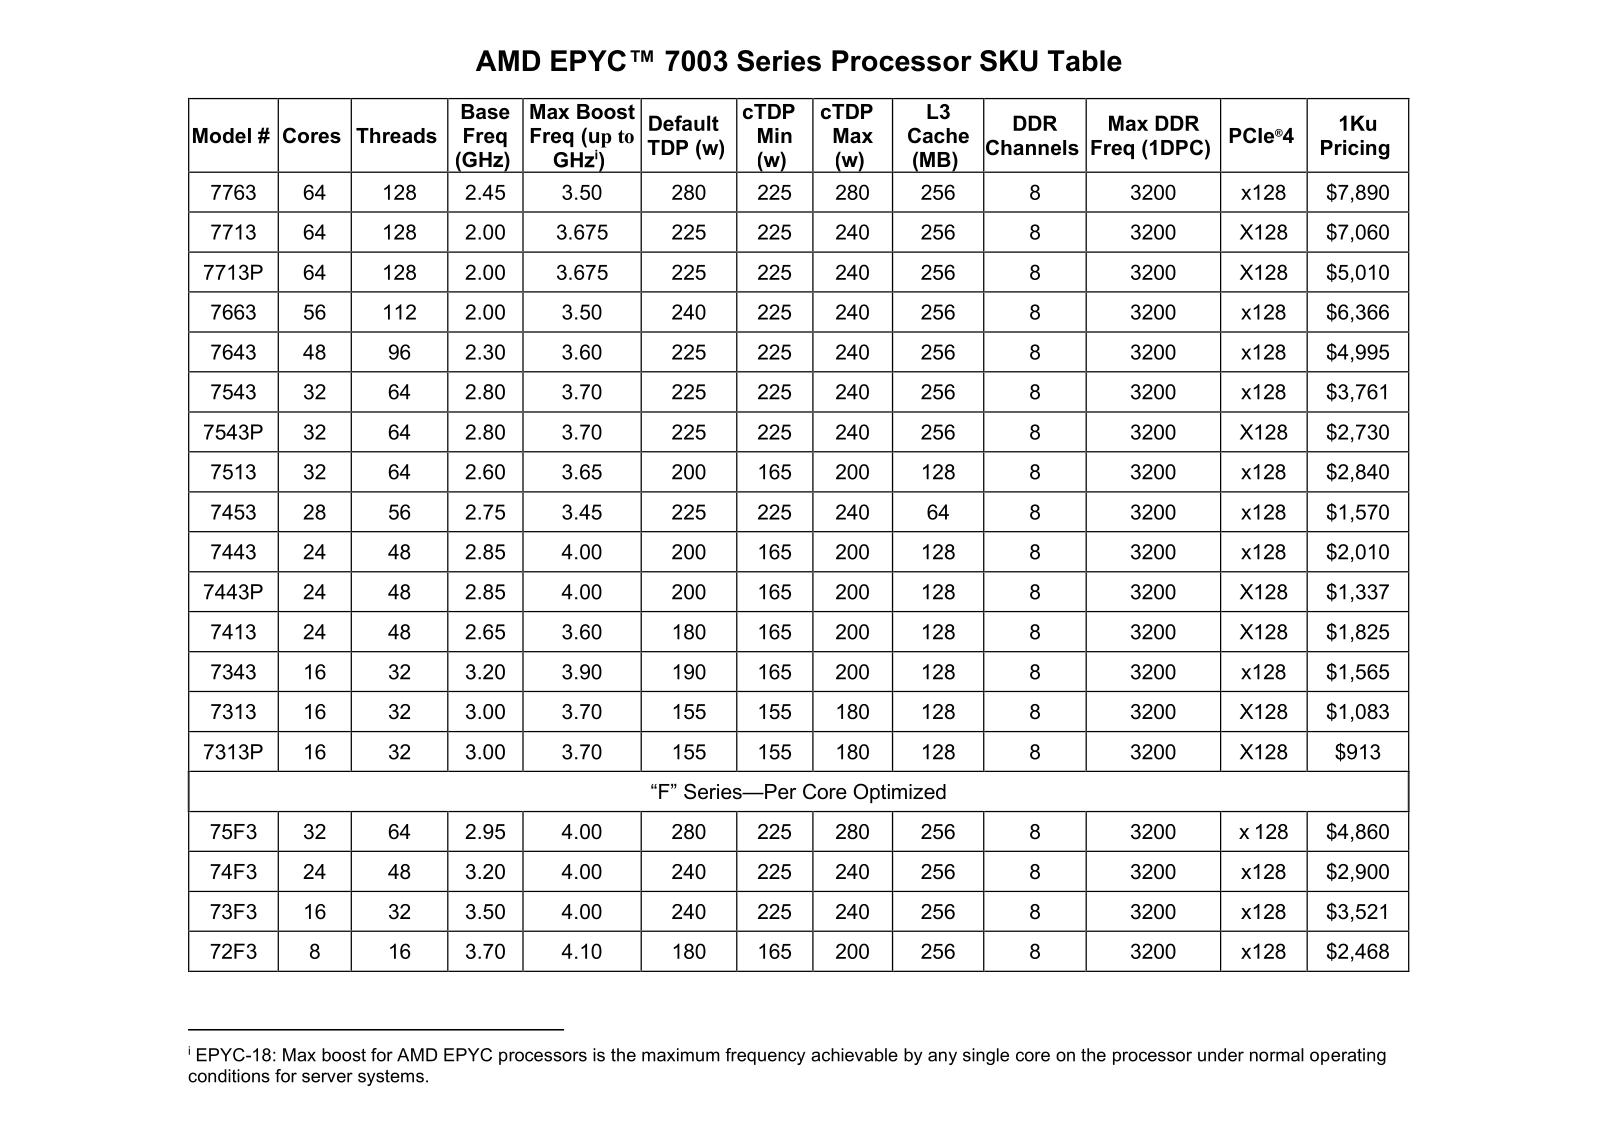 AMD EPYC 7003 Zen 3 Tarifs